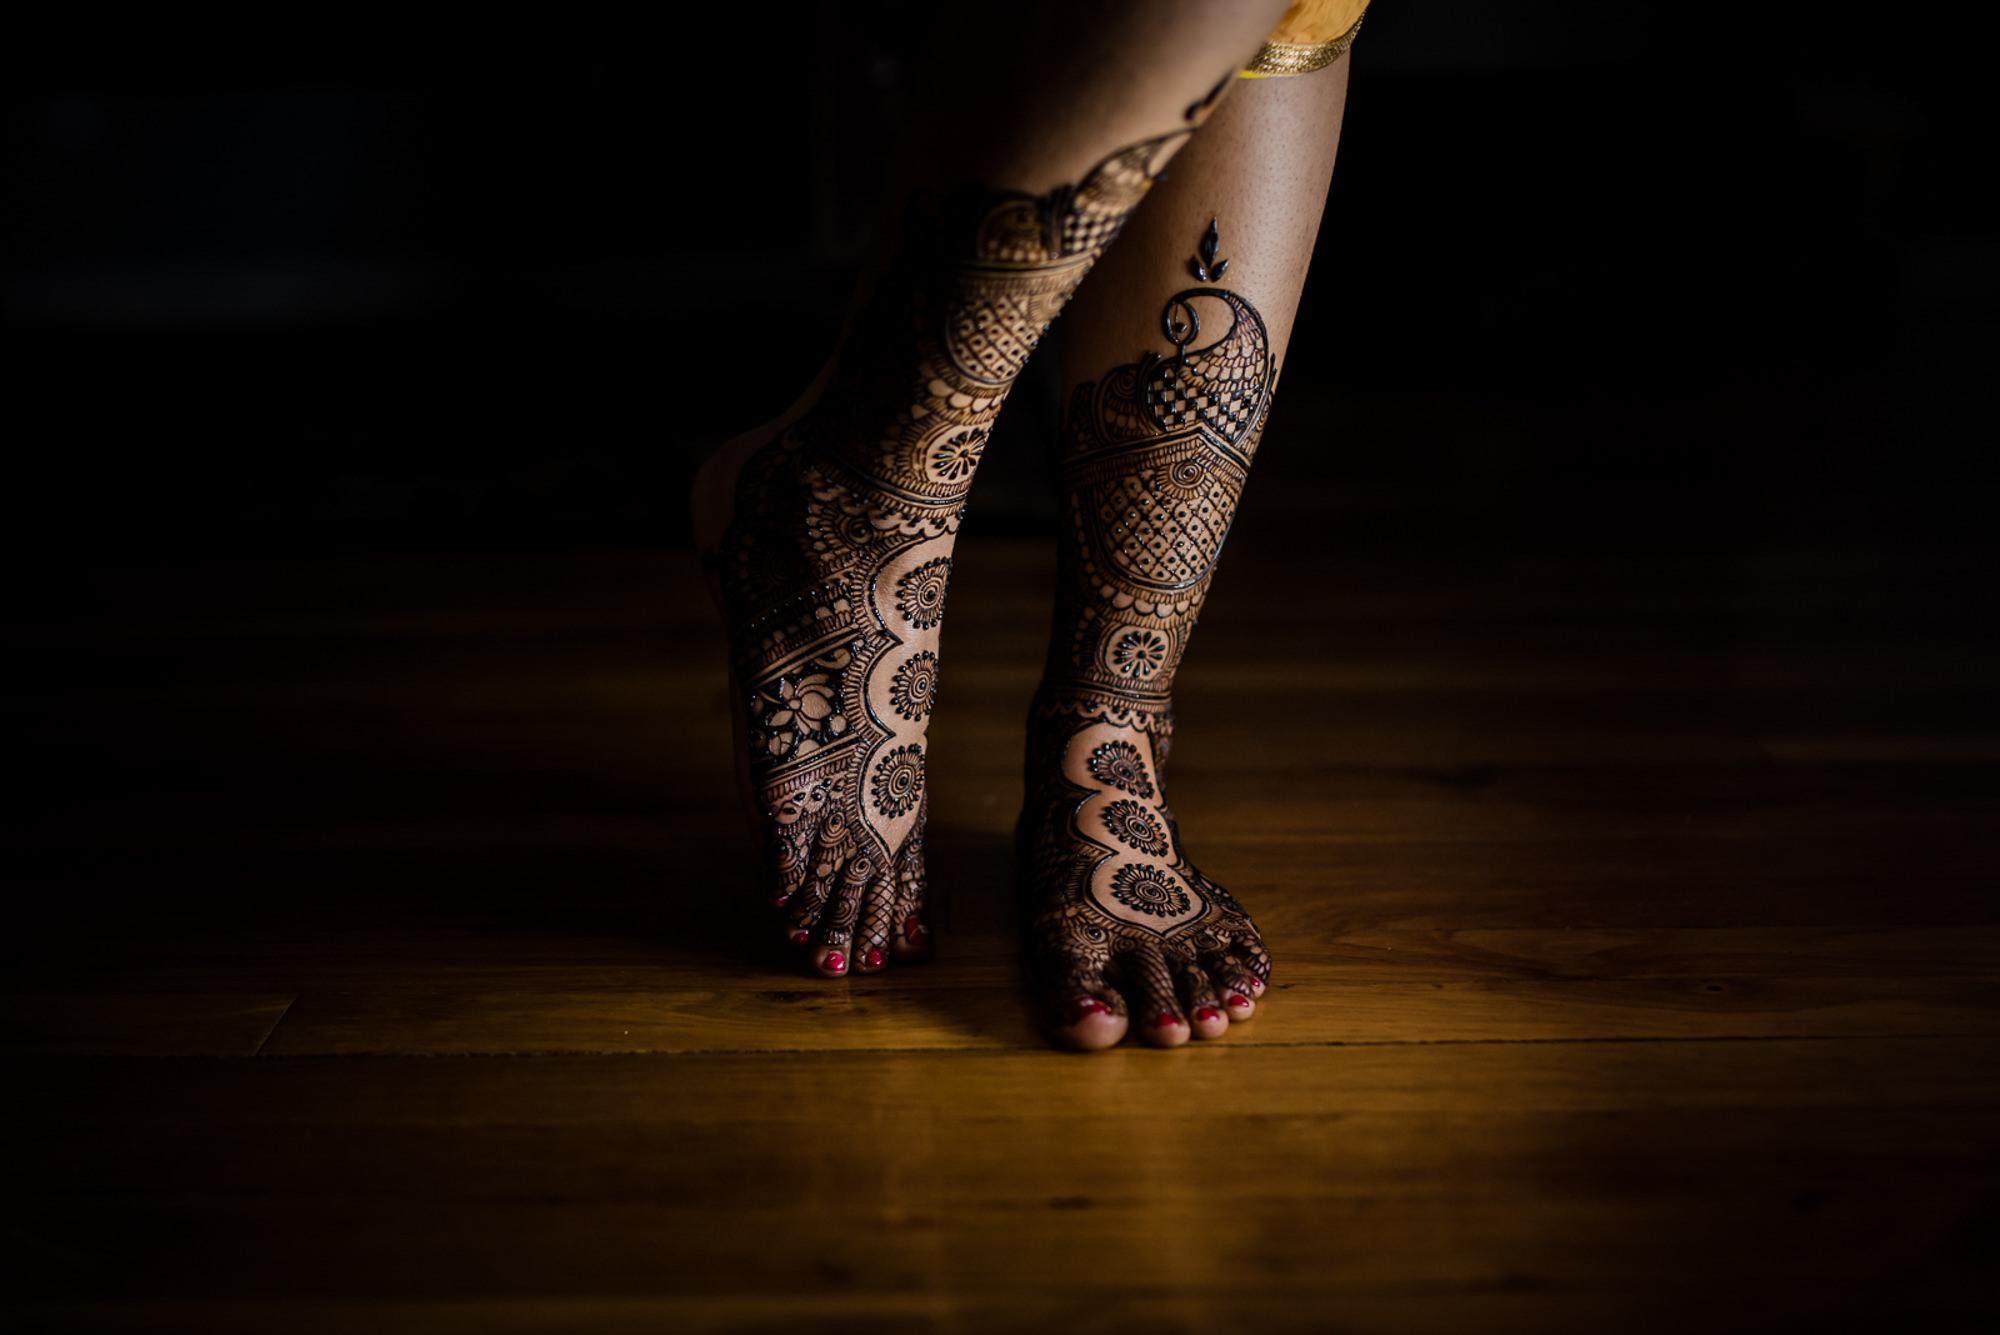 Elaborate henna design on bride's feet - photo by Rimi Sen